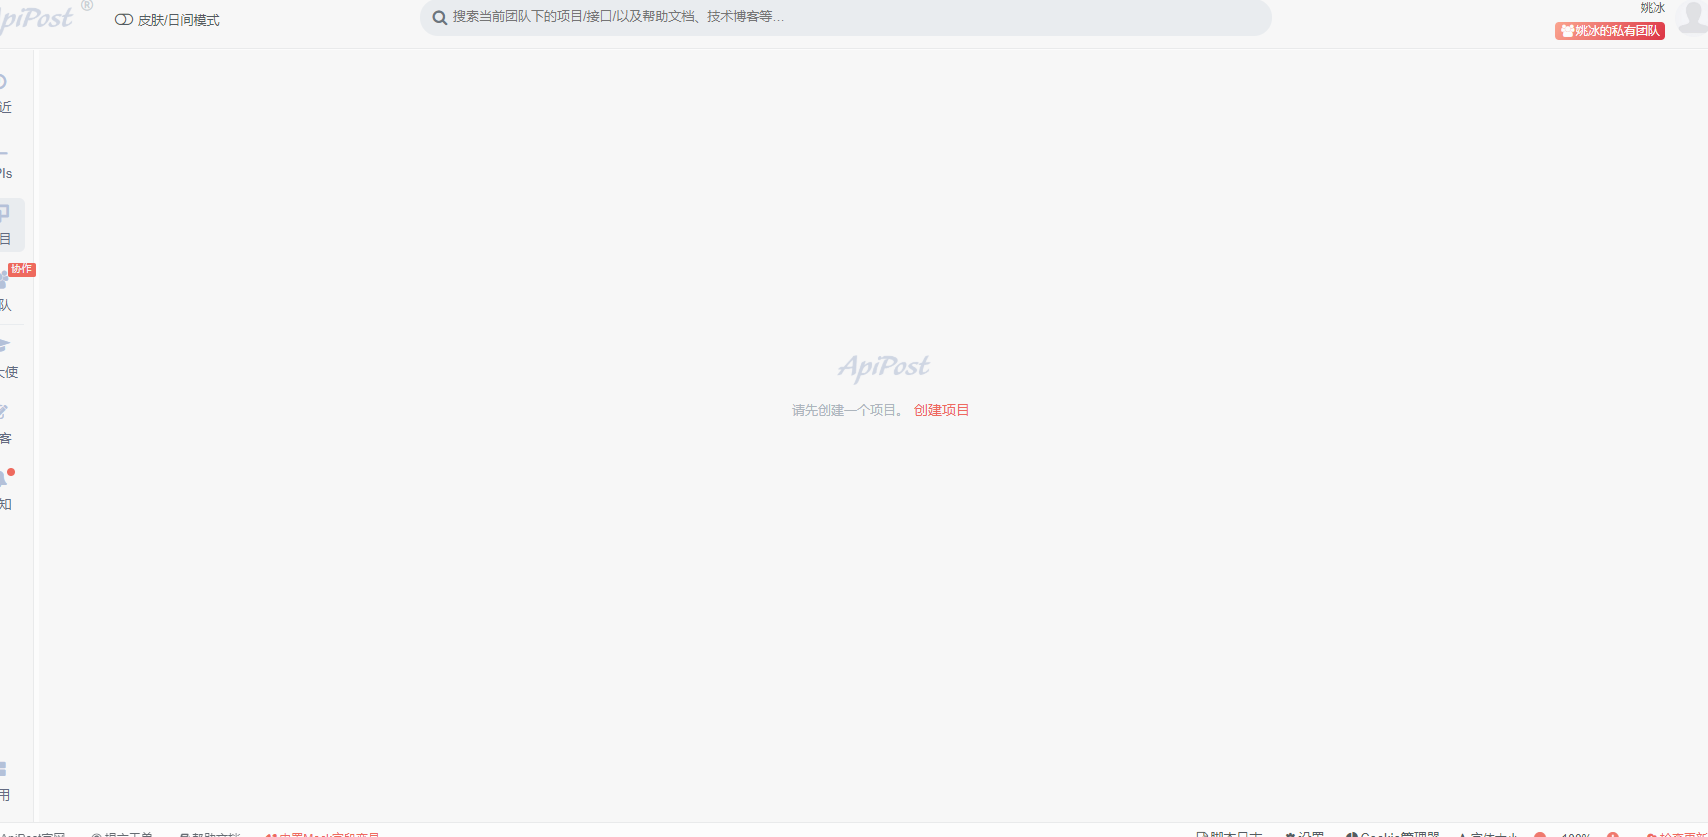 低版本创建的项目更新高版本后文件和接口顺序错乱,回退版本项目消失!